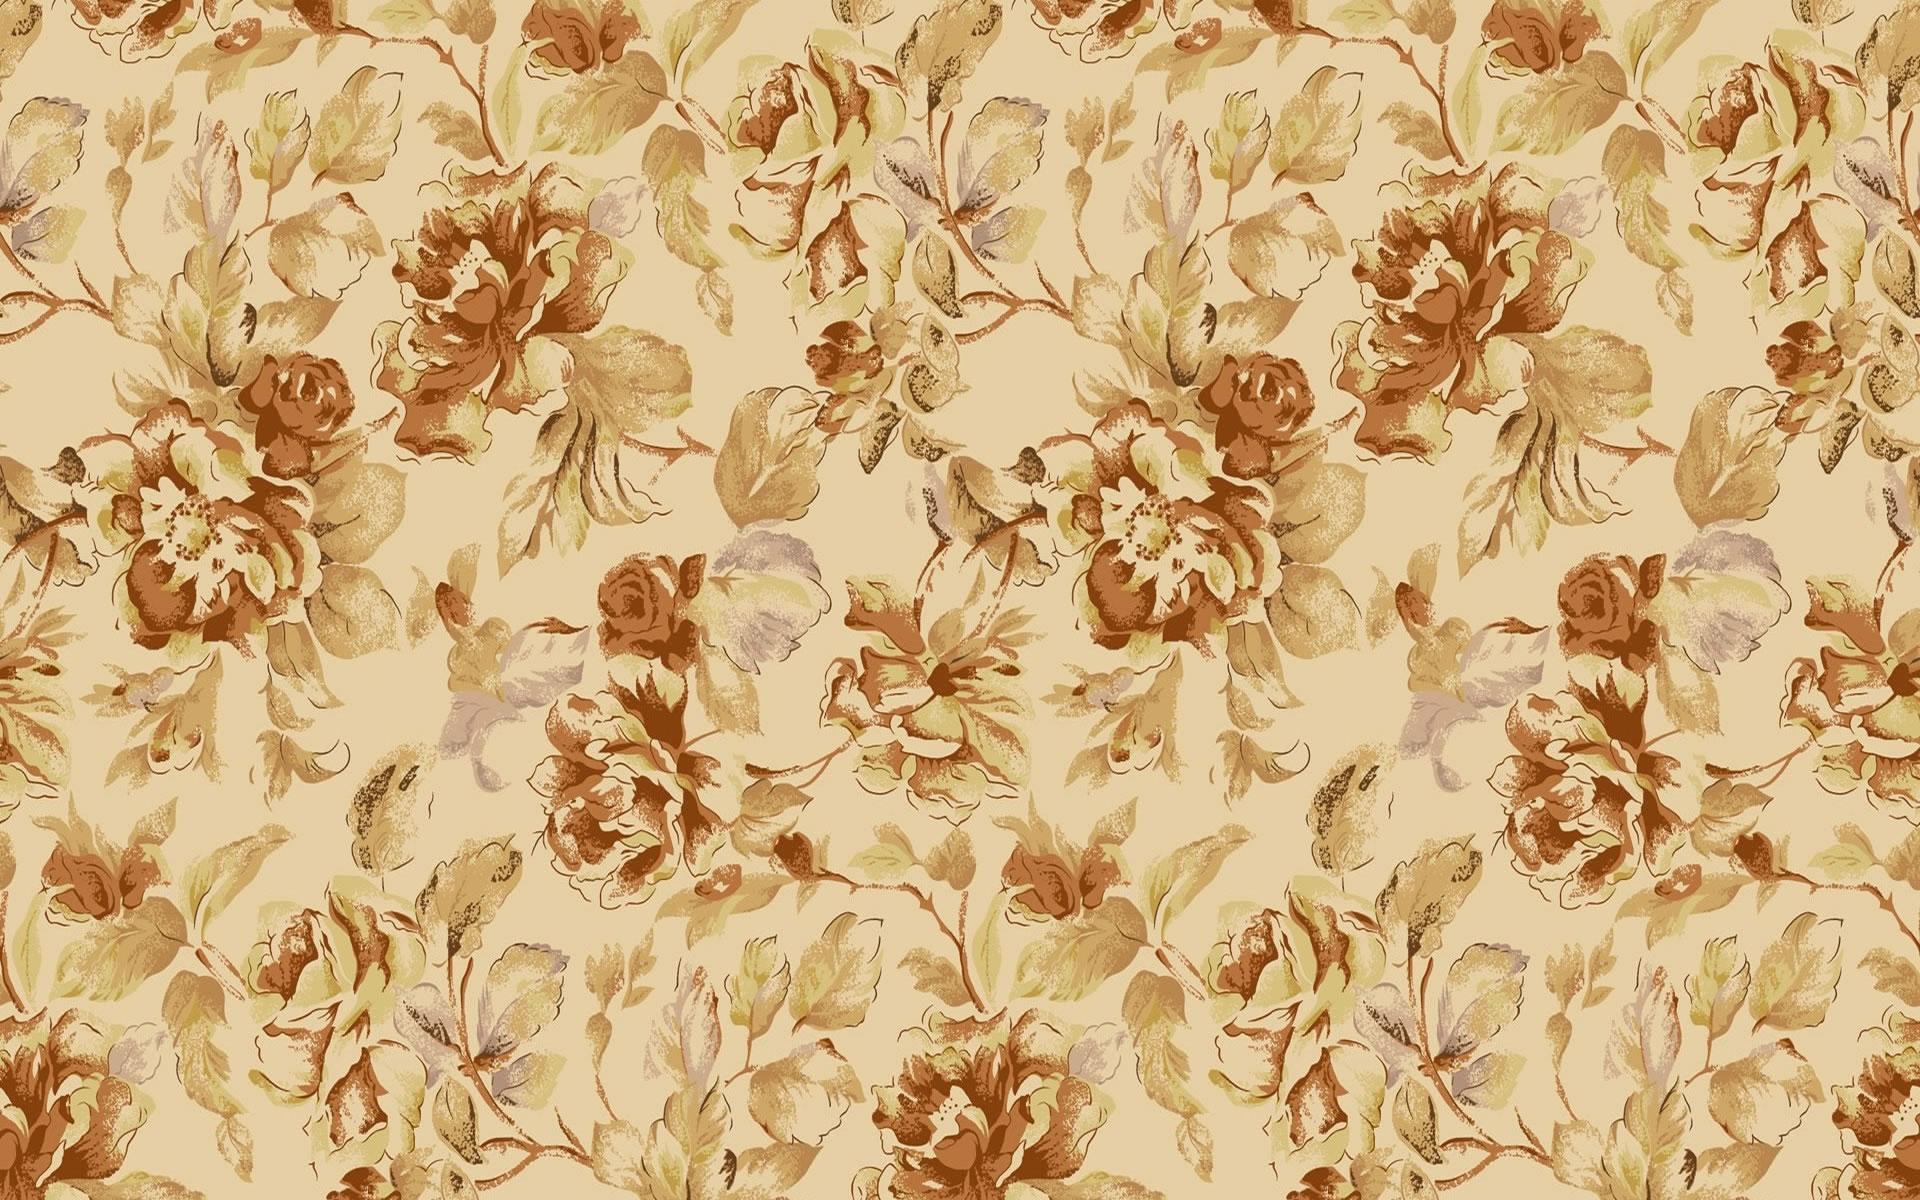 Papel tapiz de flores vintage imagui - Papel vintage pared ...